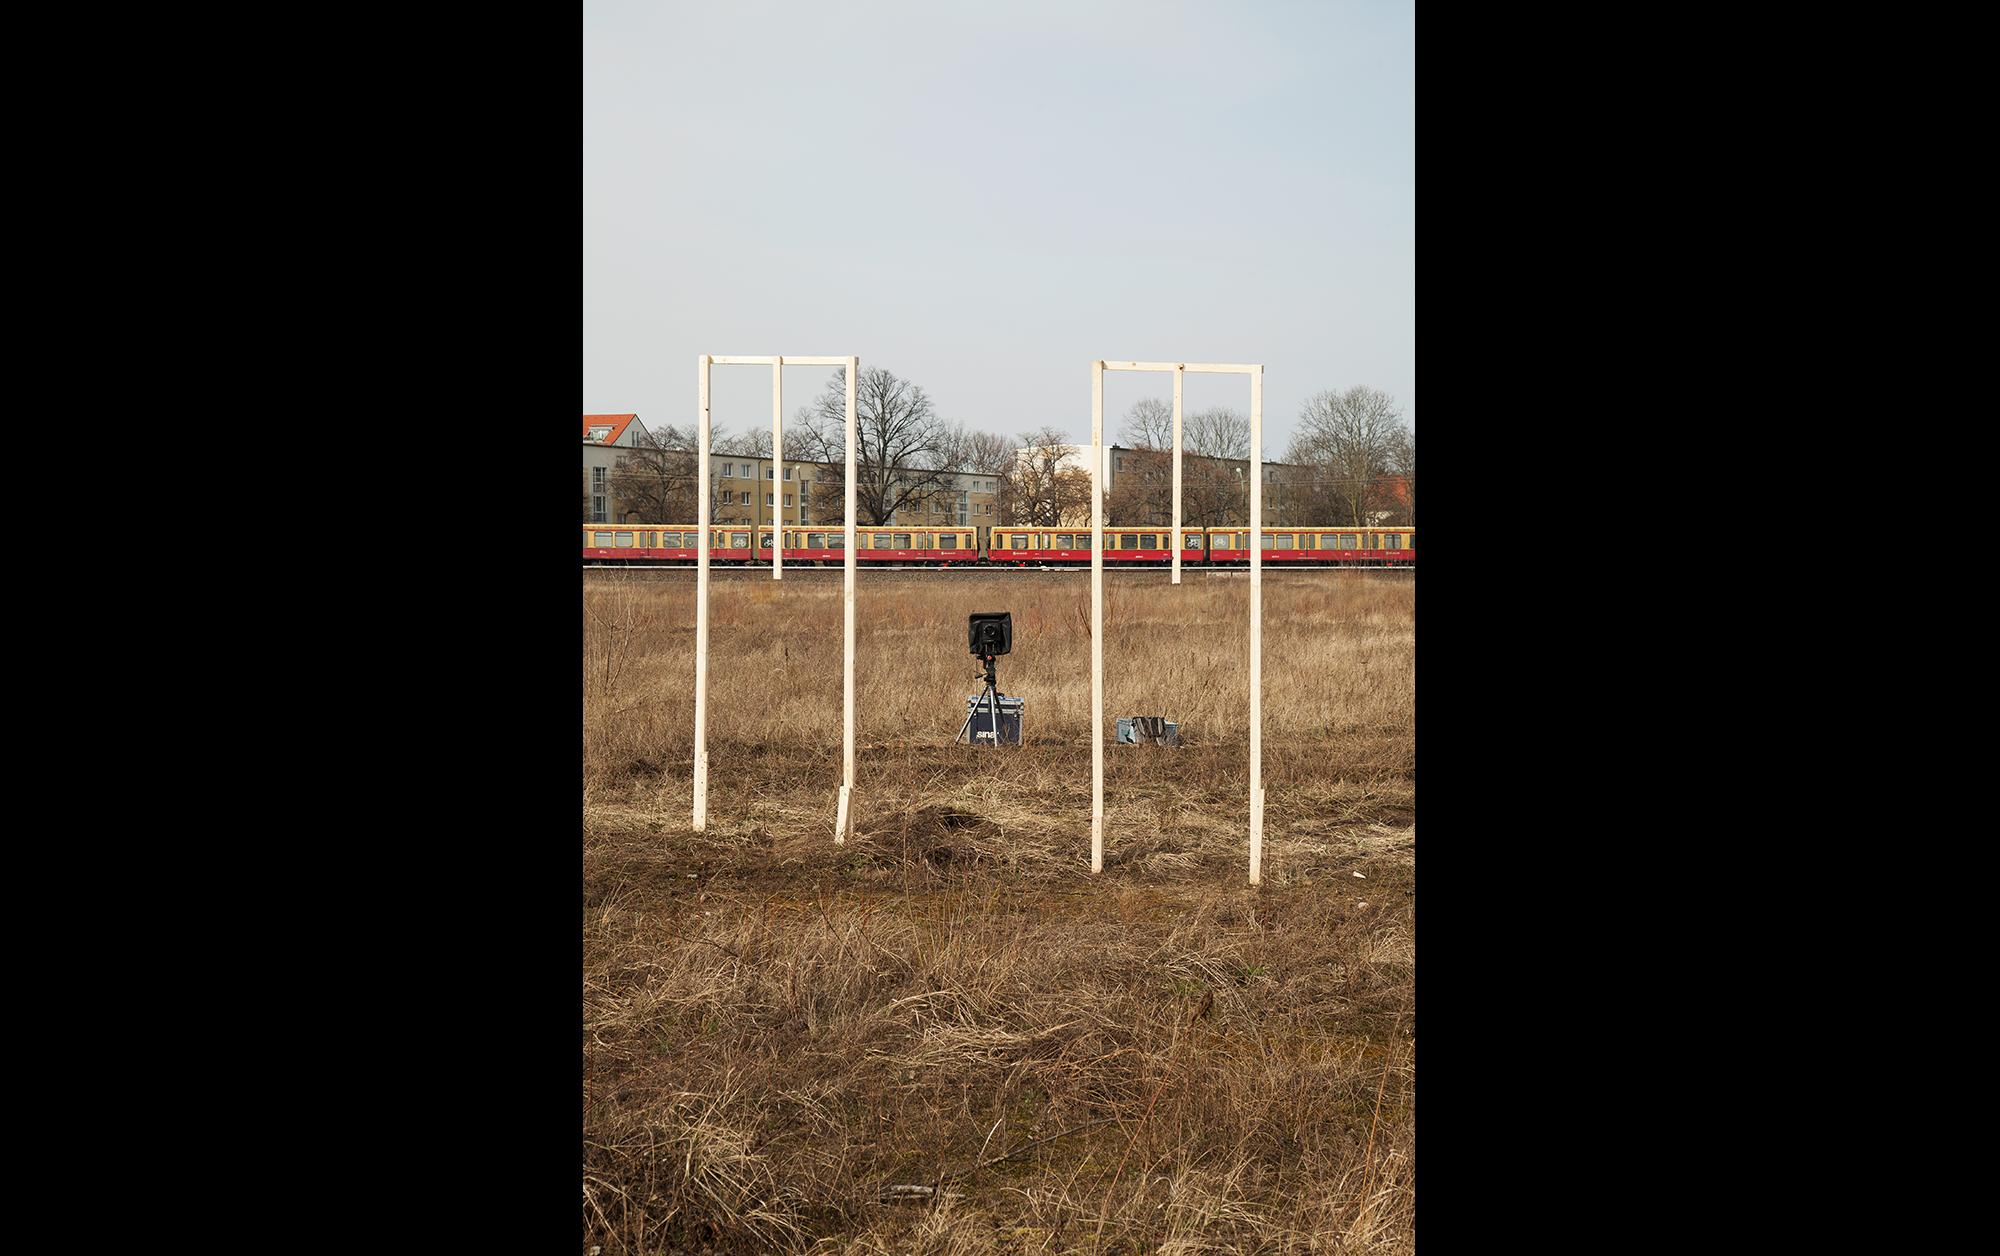 タイヨ・オノラト & ニコ・クレブス「ユーモラスな視点でとらえる都市へのオマージュ写真」 | タイヨ・オノラト & ニコ・クレブス